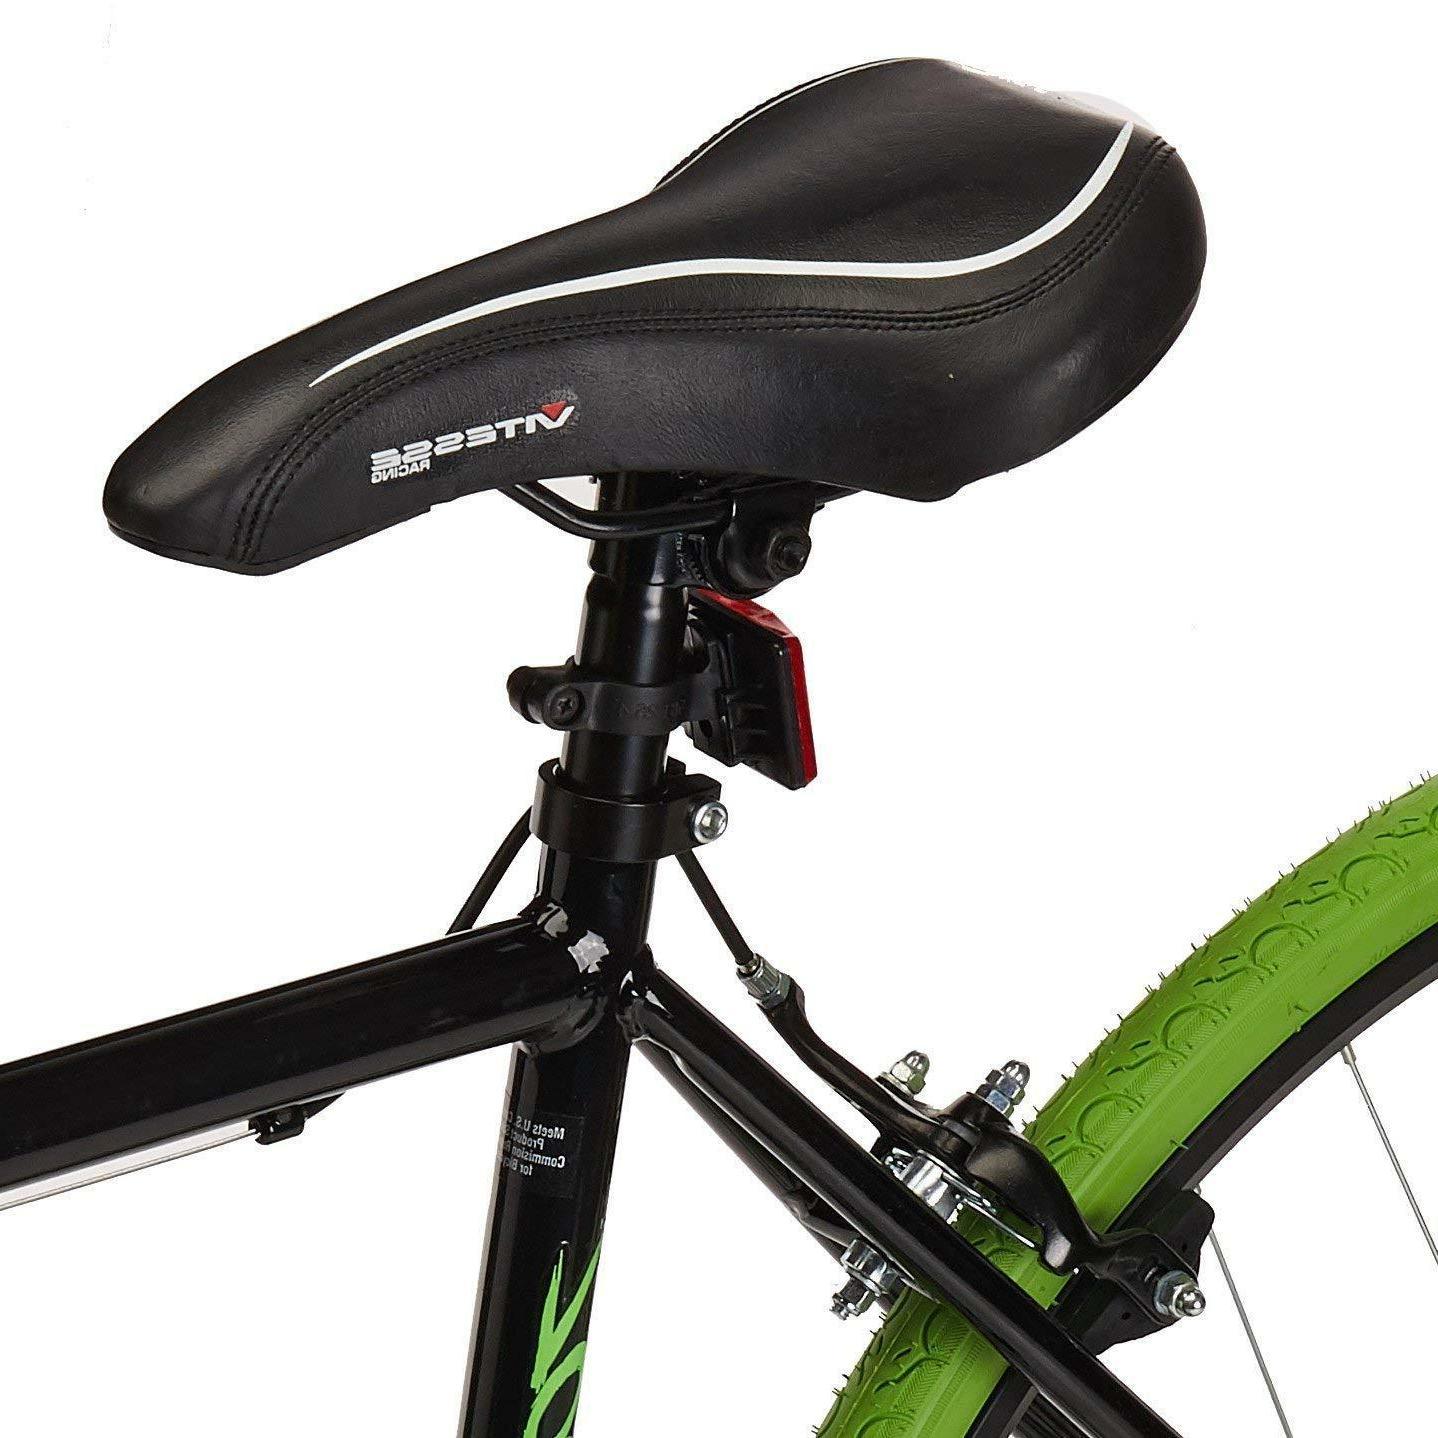 Takara Single Road Bike